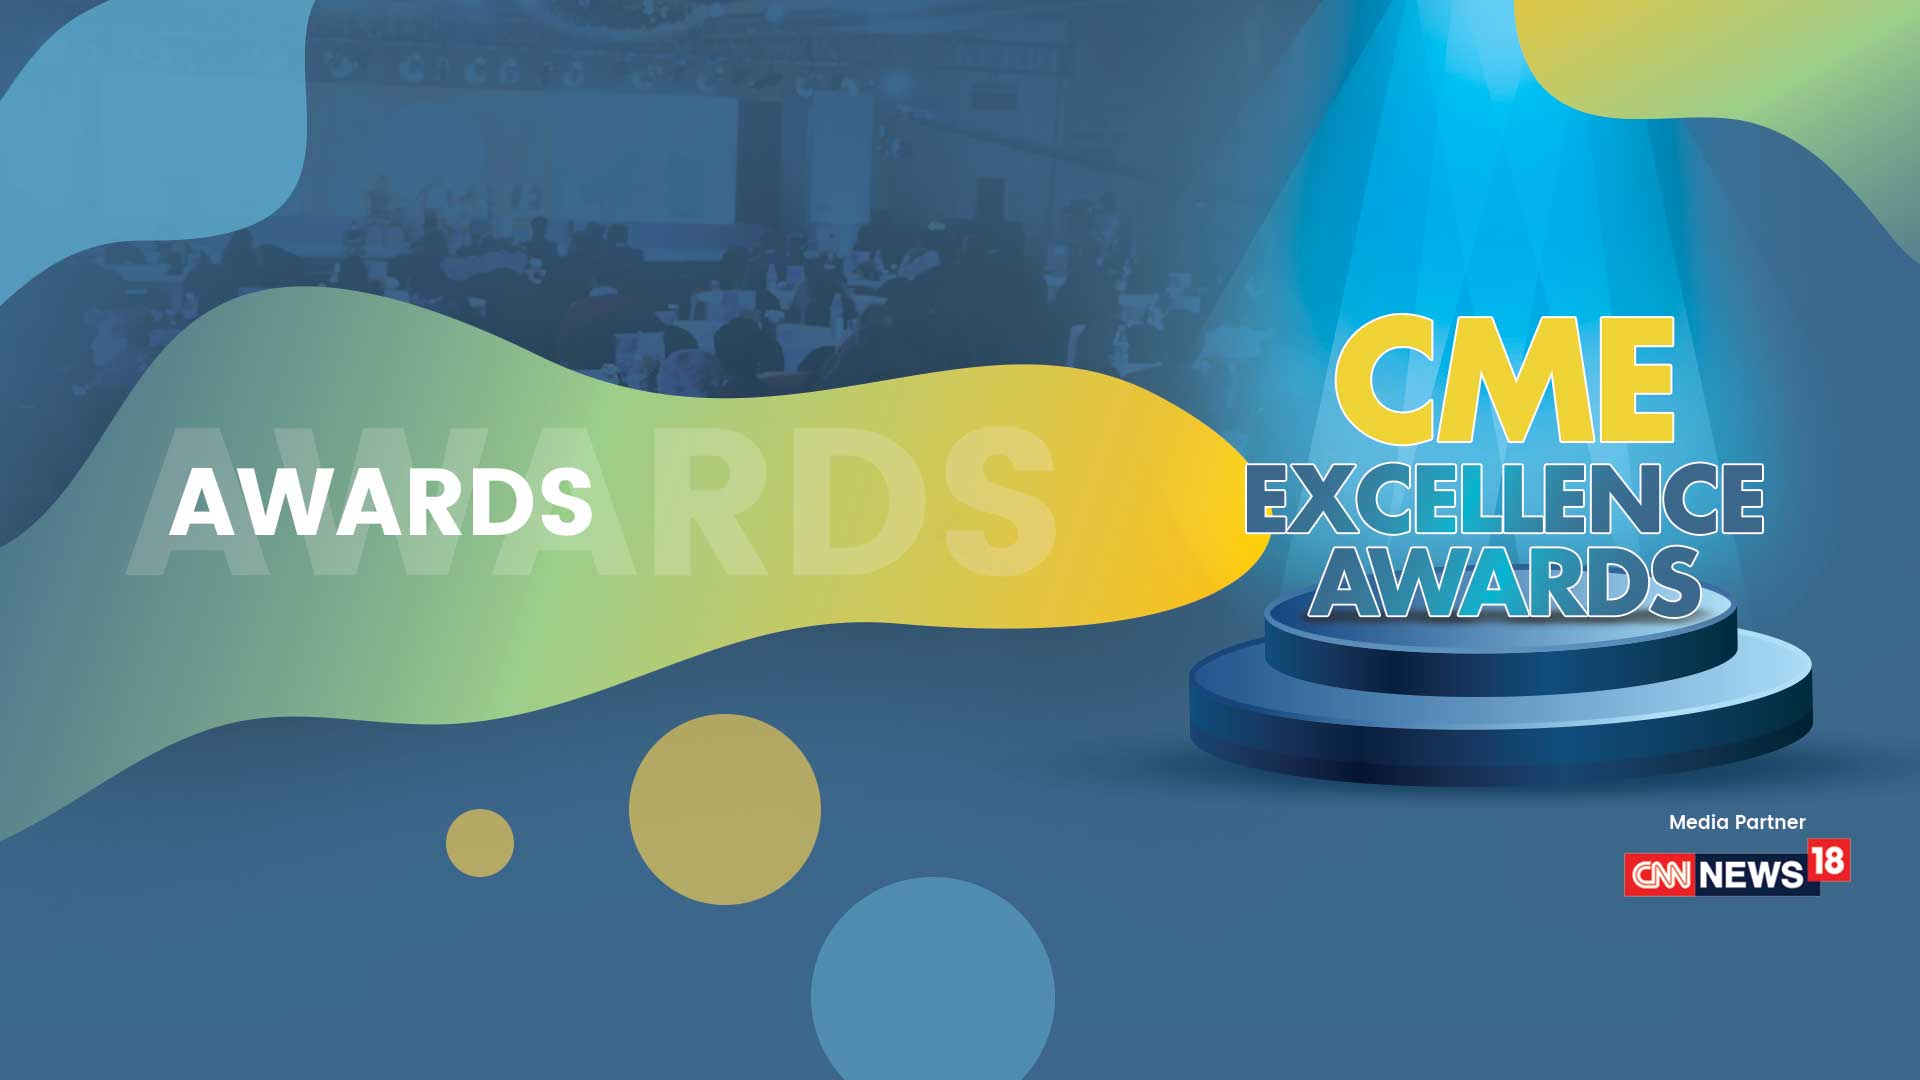 Awards-Category